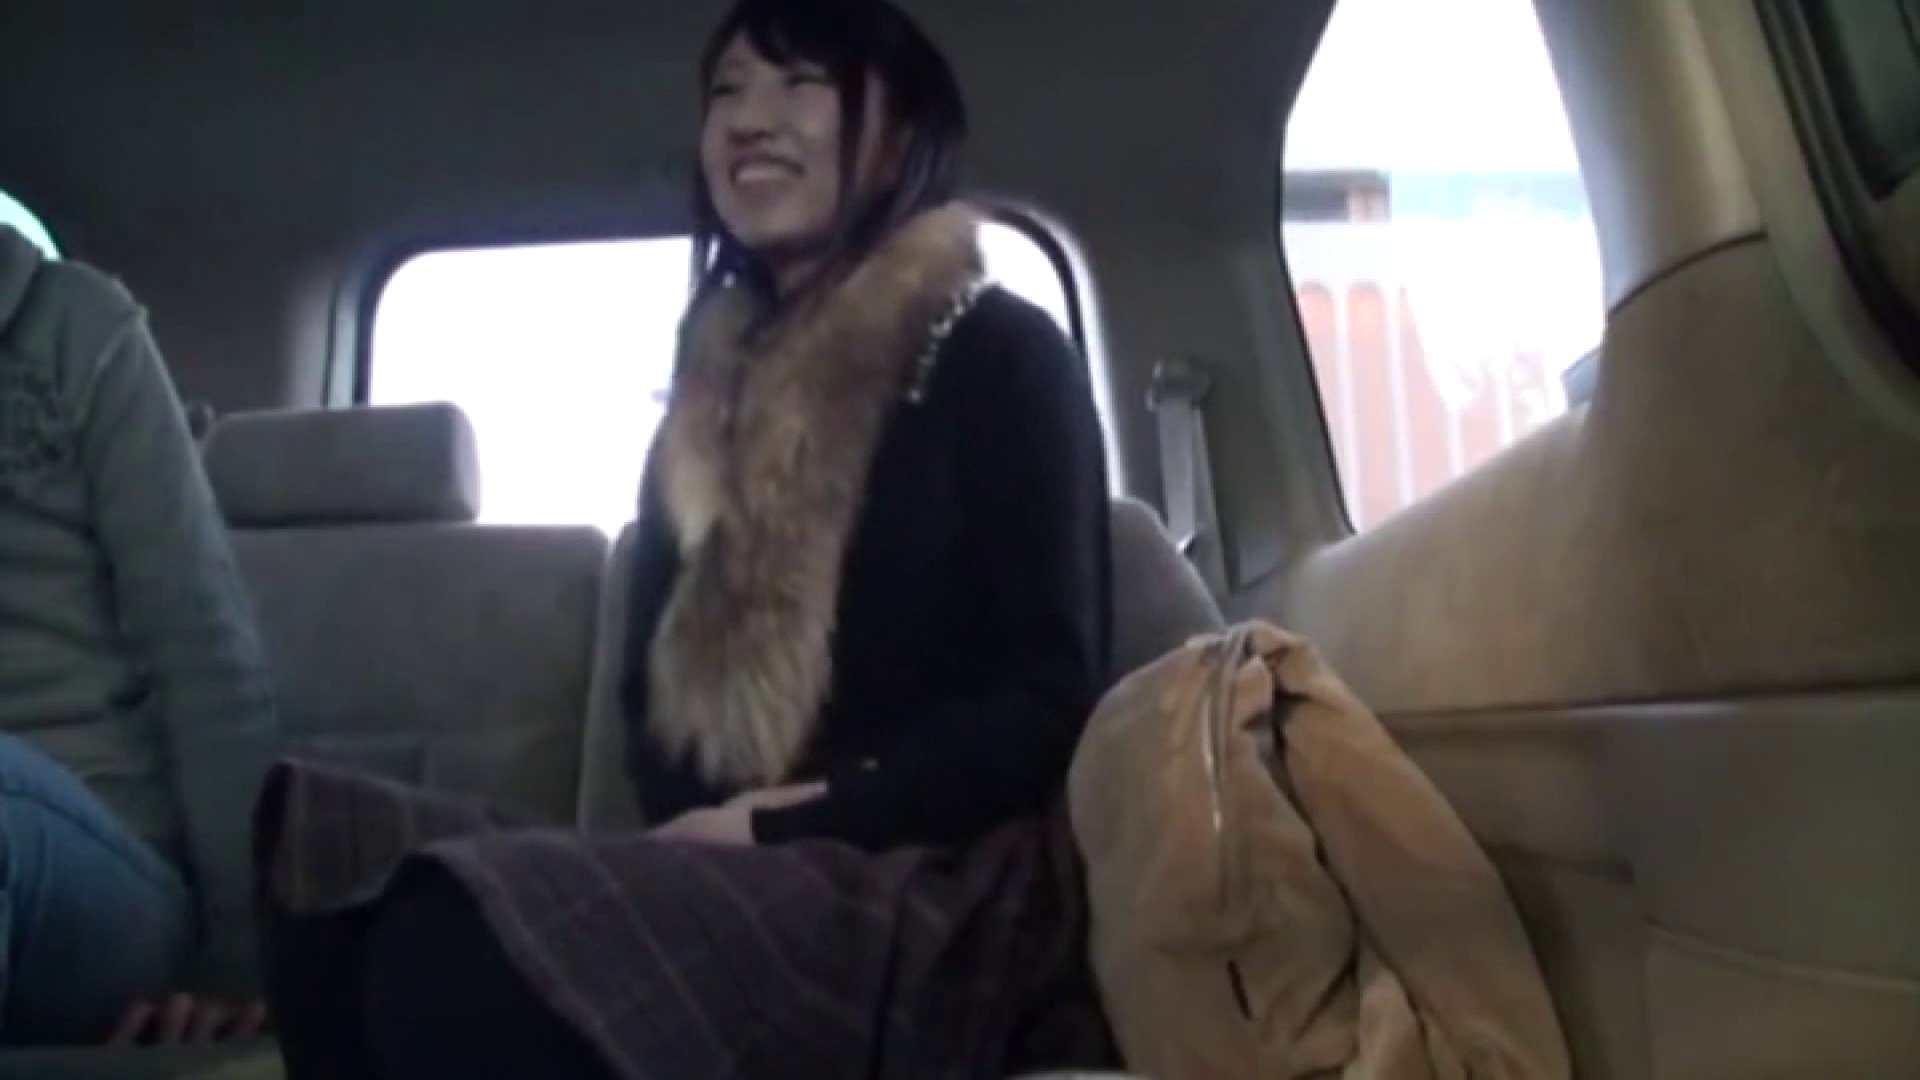 もぎたて旬の果実 Vol.04 乙女エロ画像 | OLエロ画像  61PICs 23